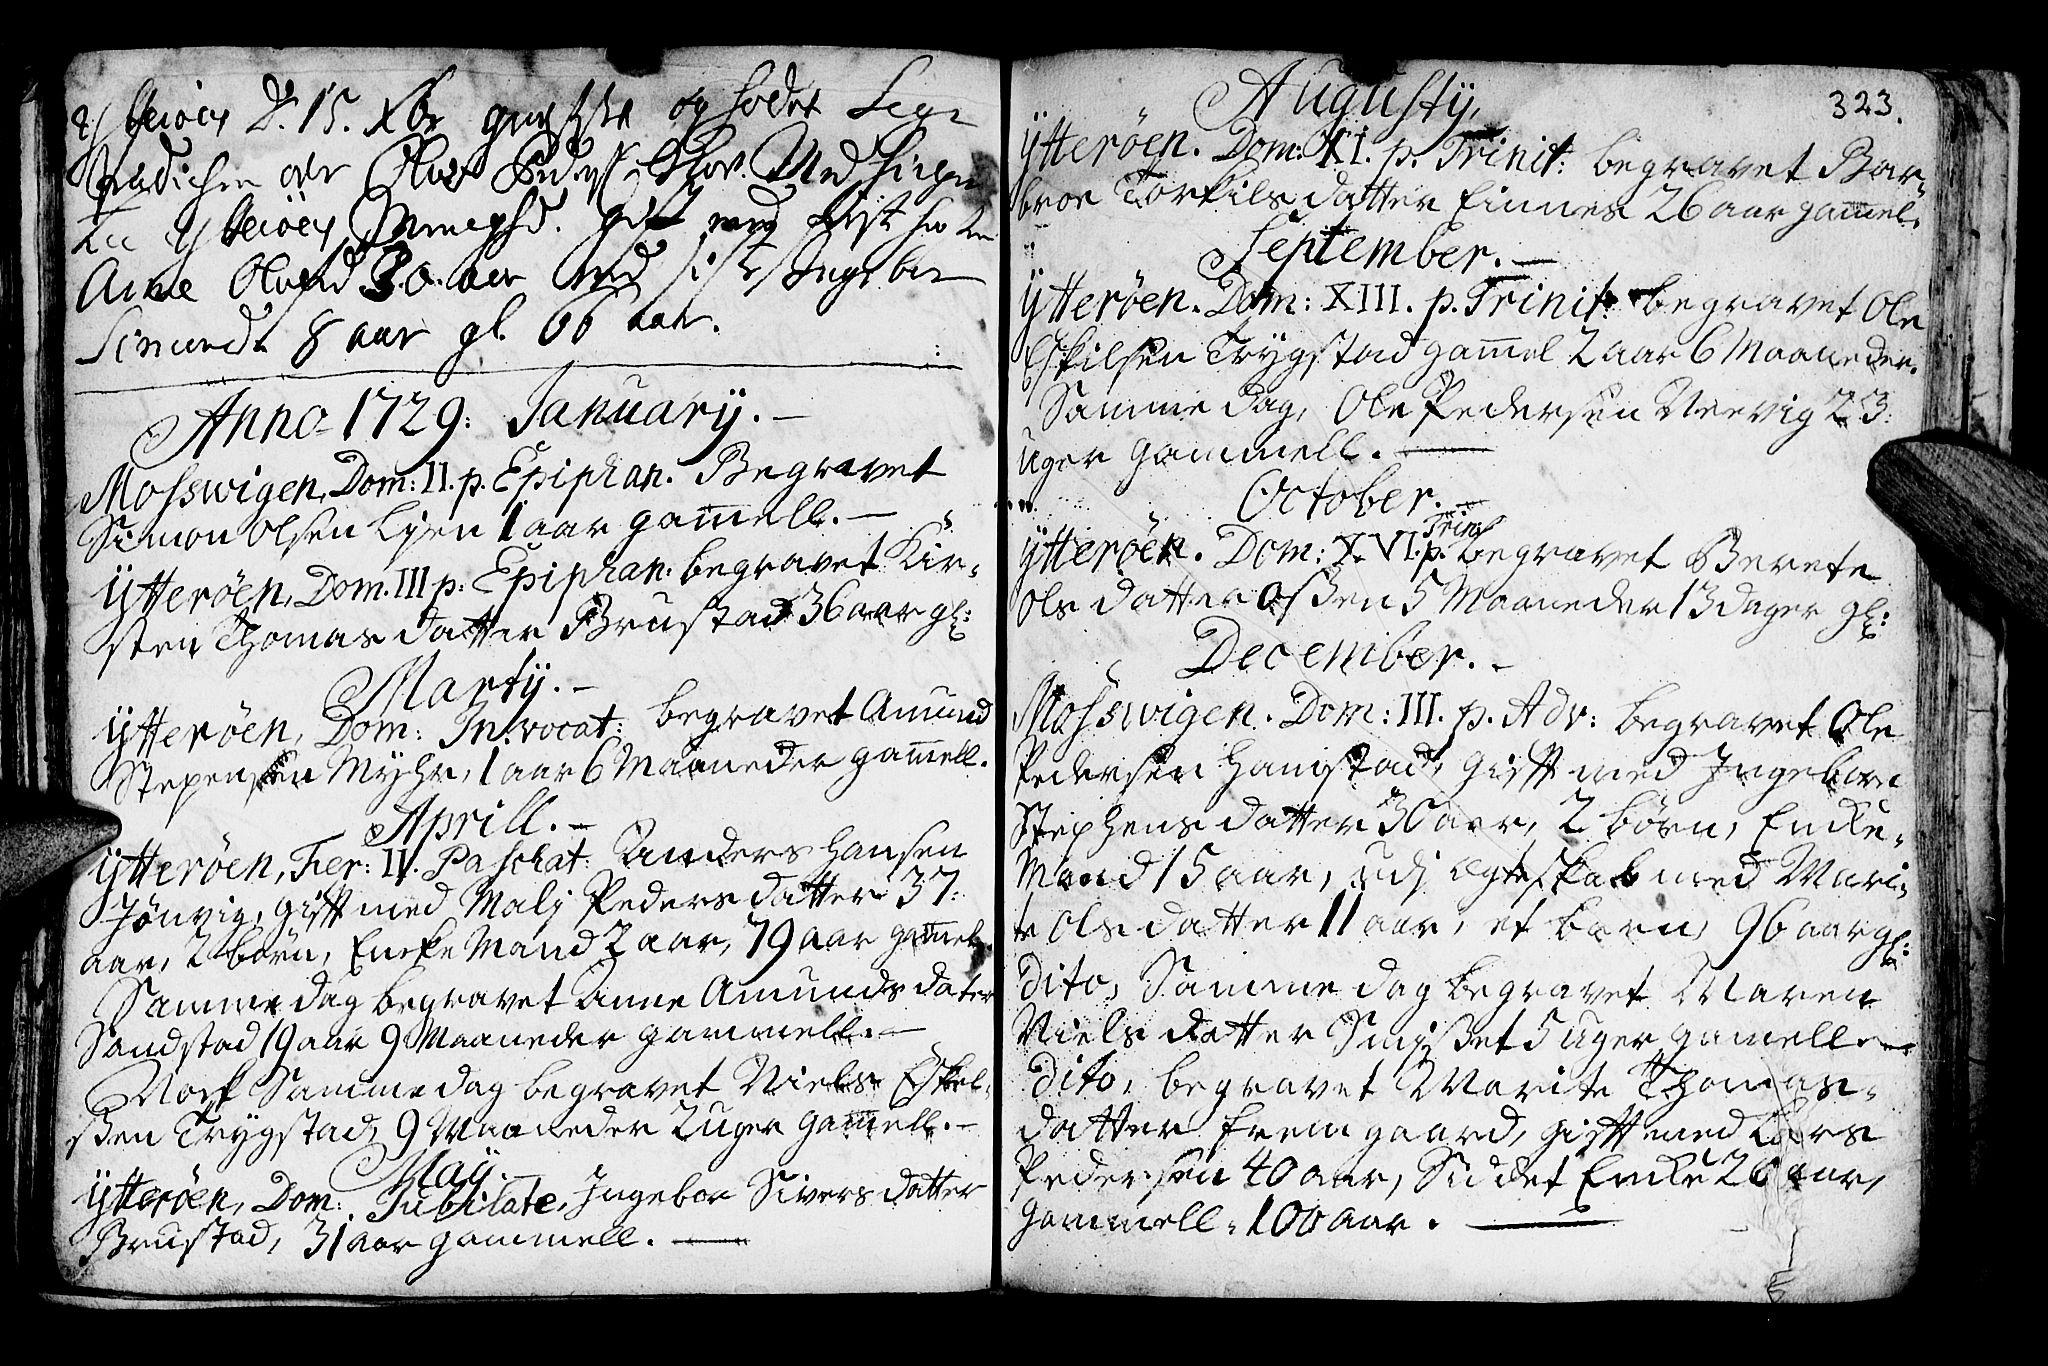 SAT, Ministerialprotokoller, klokkerbøker og fødselsregistre - Nord-Trøndelag, 722/L0215: Ministerialbok nr. 722A02, 1718-1755, s. 323